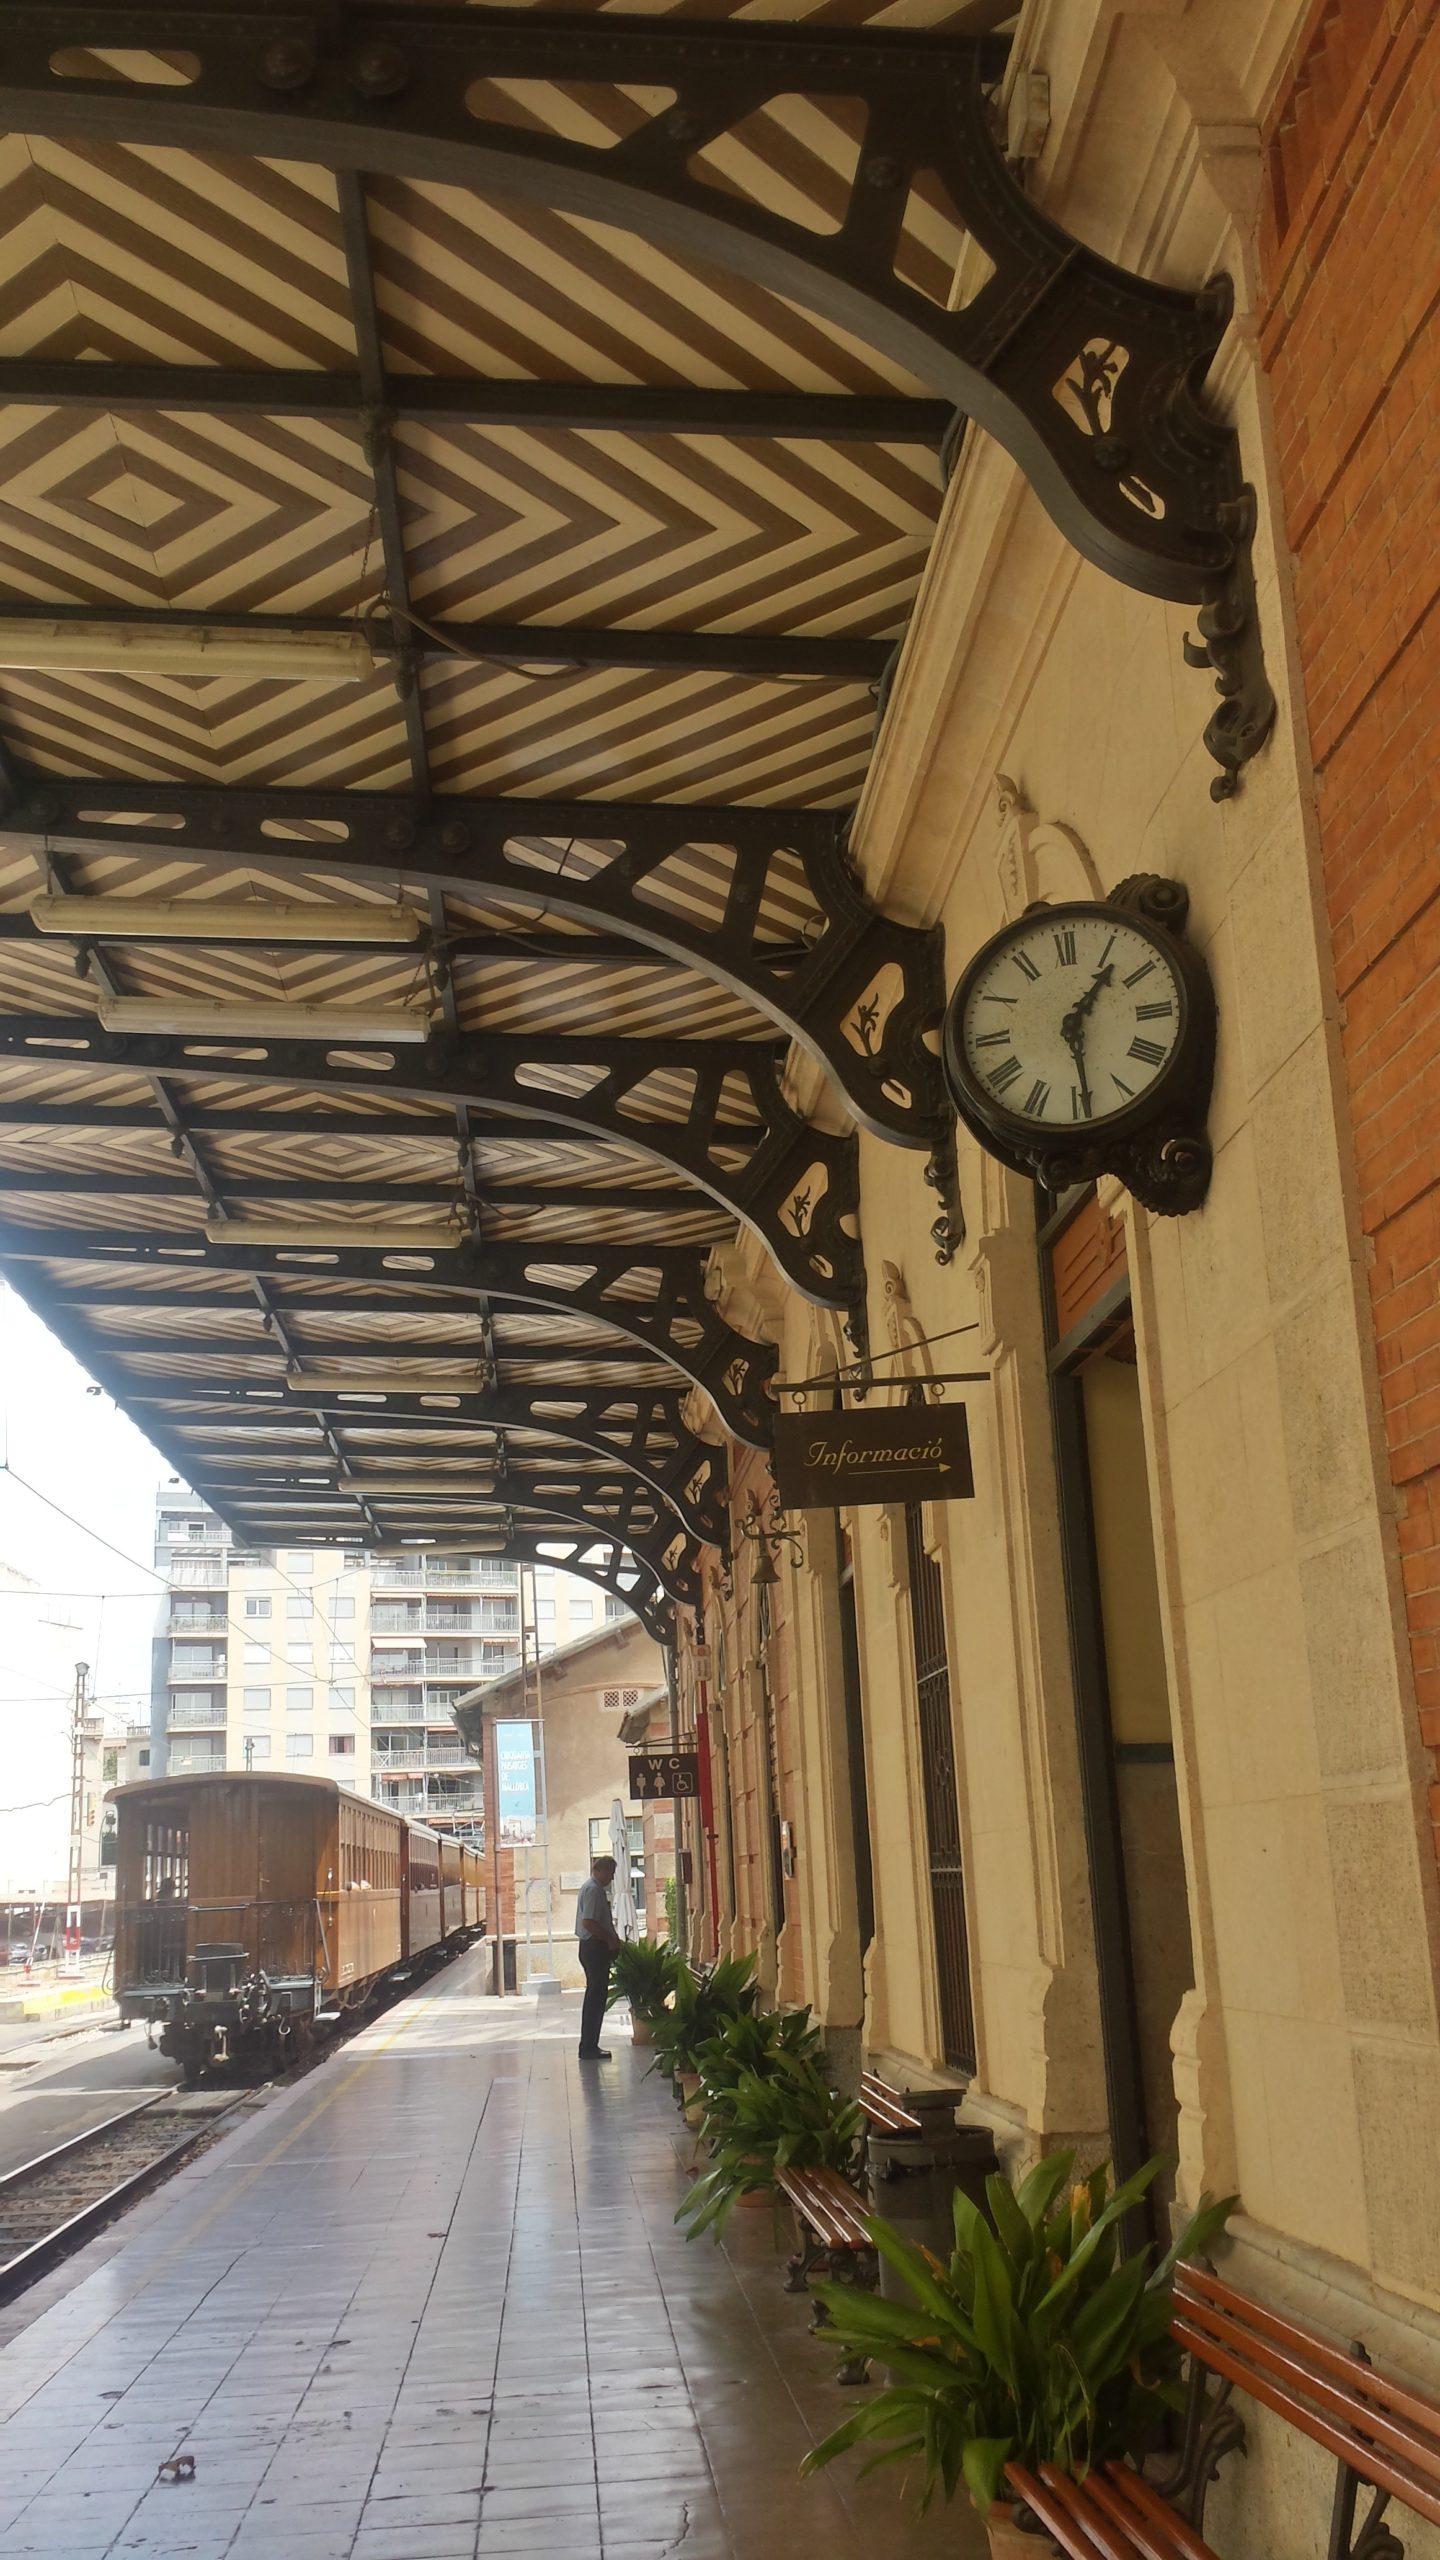 Am historischen Bahnhof traf ich mich mit A. und J., die gleichzeitig Urlaub auf Mallorca machten.